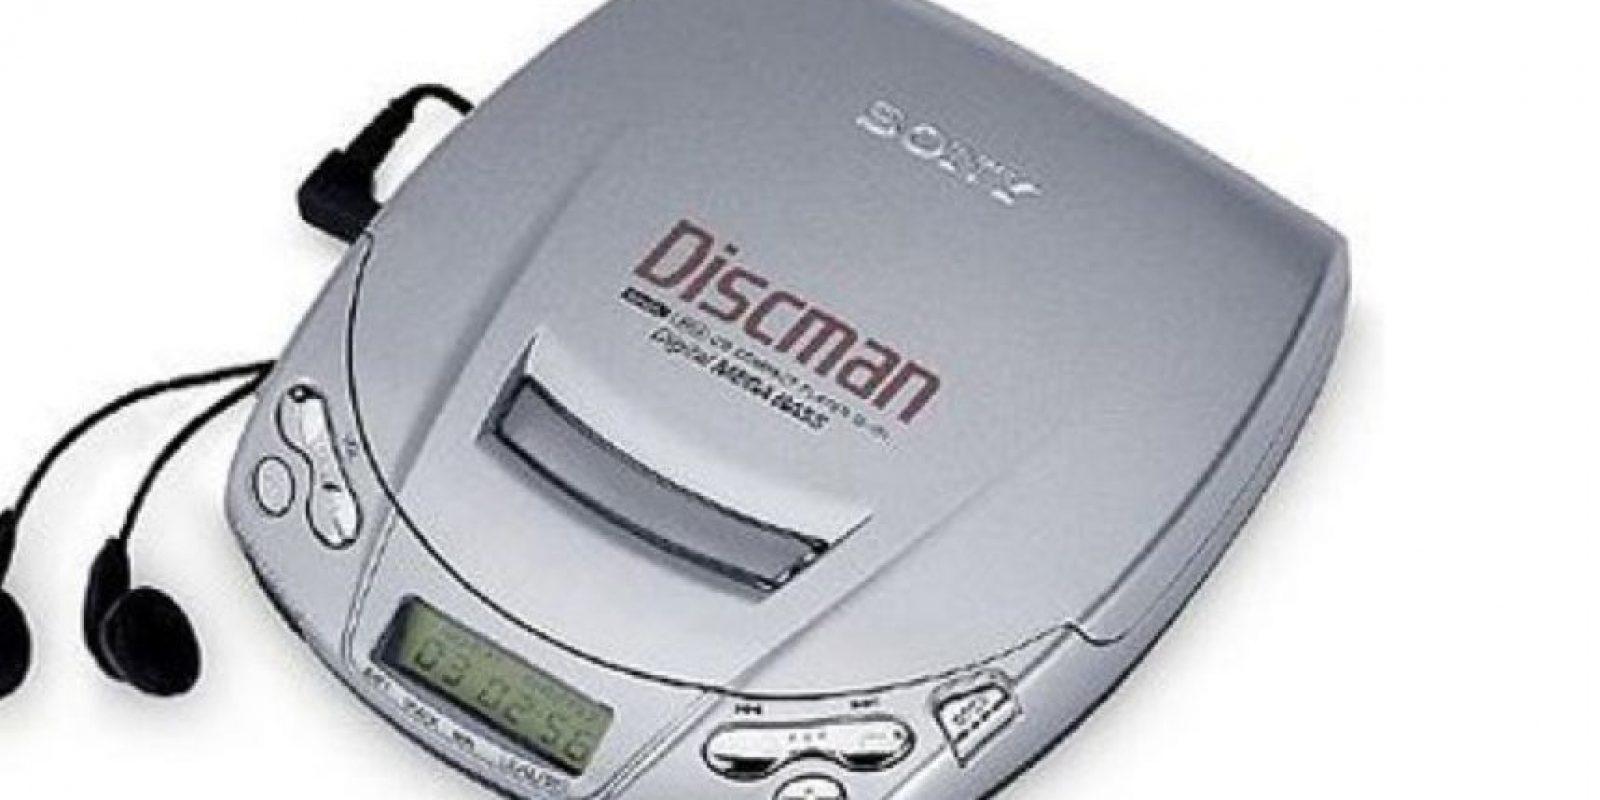 El discman Foto:Imgur